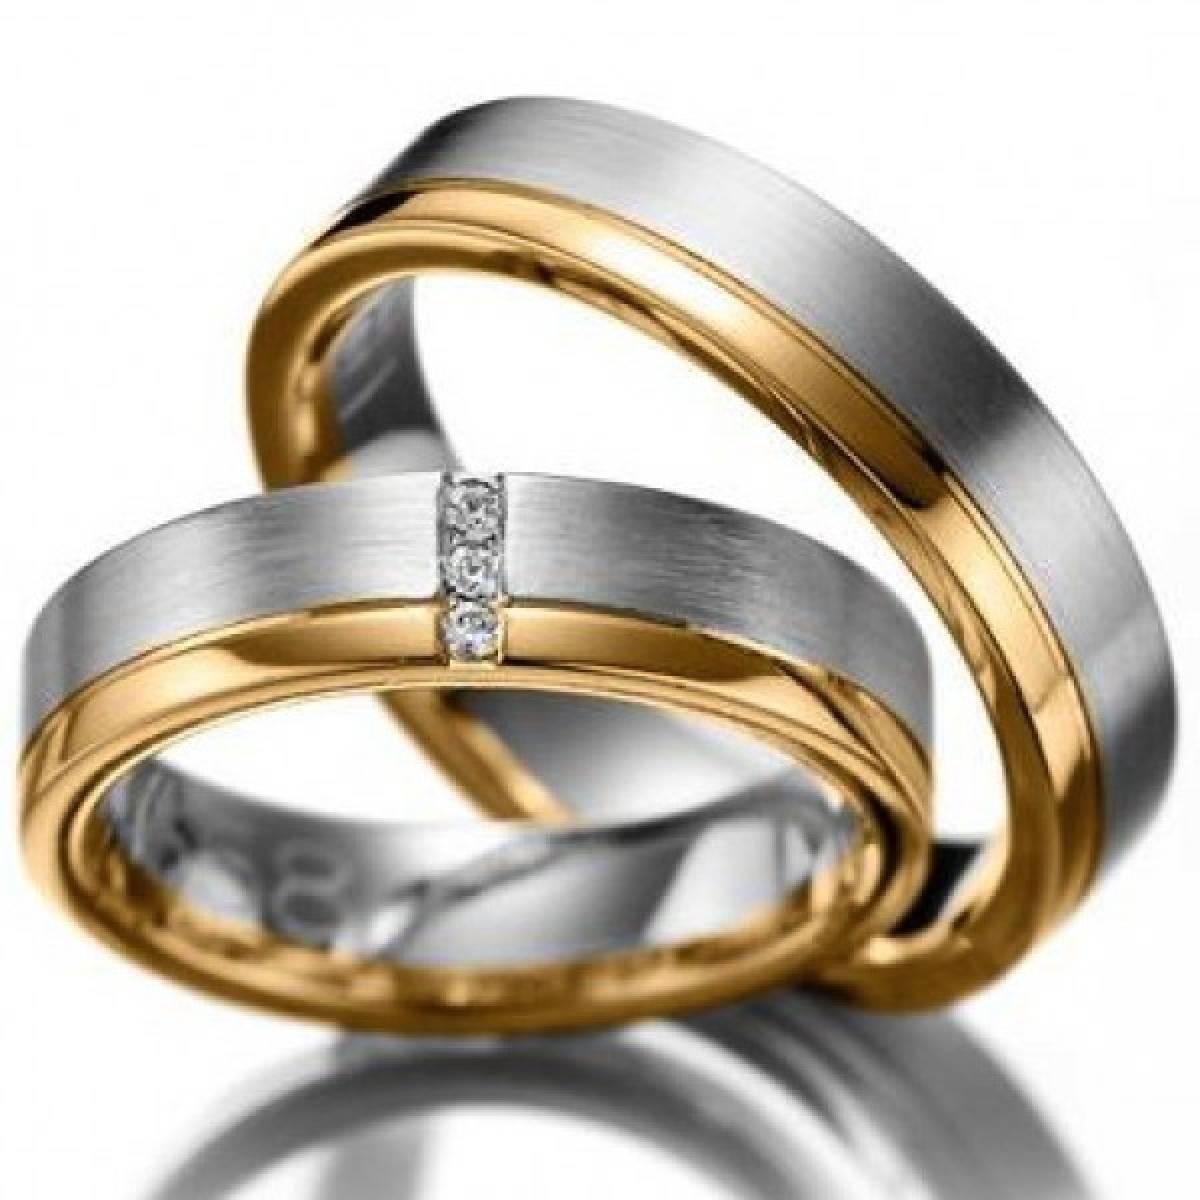 Alianças de Casamento em Ouro Bicolor, com 3 Diamantes de 0,06 CTS